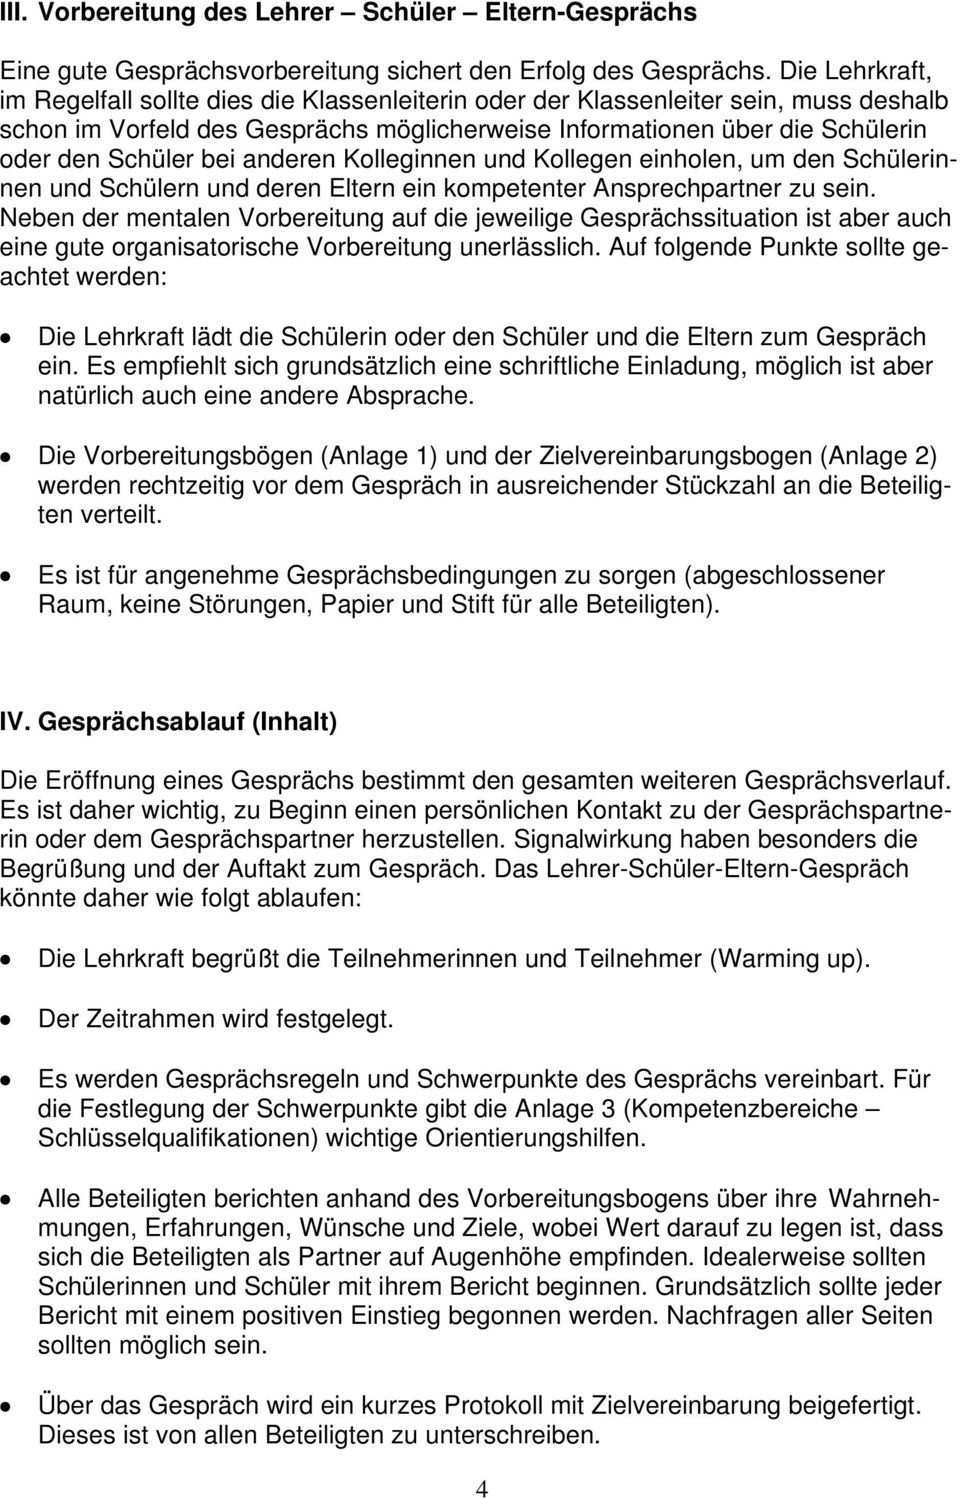 Leitfaden Fur Ein Lehrer Schuler Eltern Gesprach An Rheinland Pfalzischen Schulen Pdf Free Download